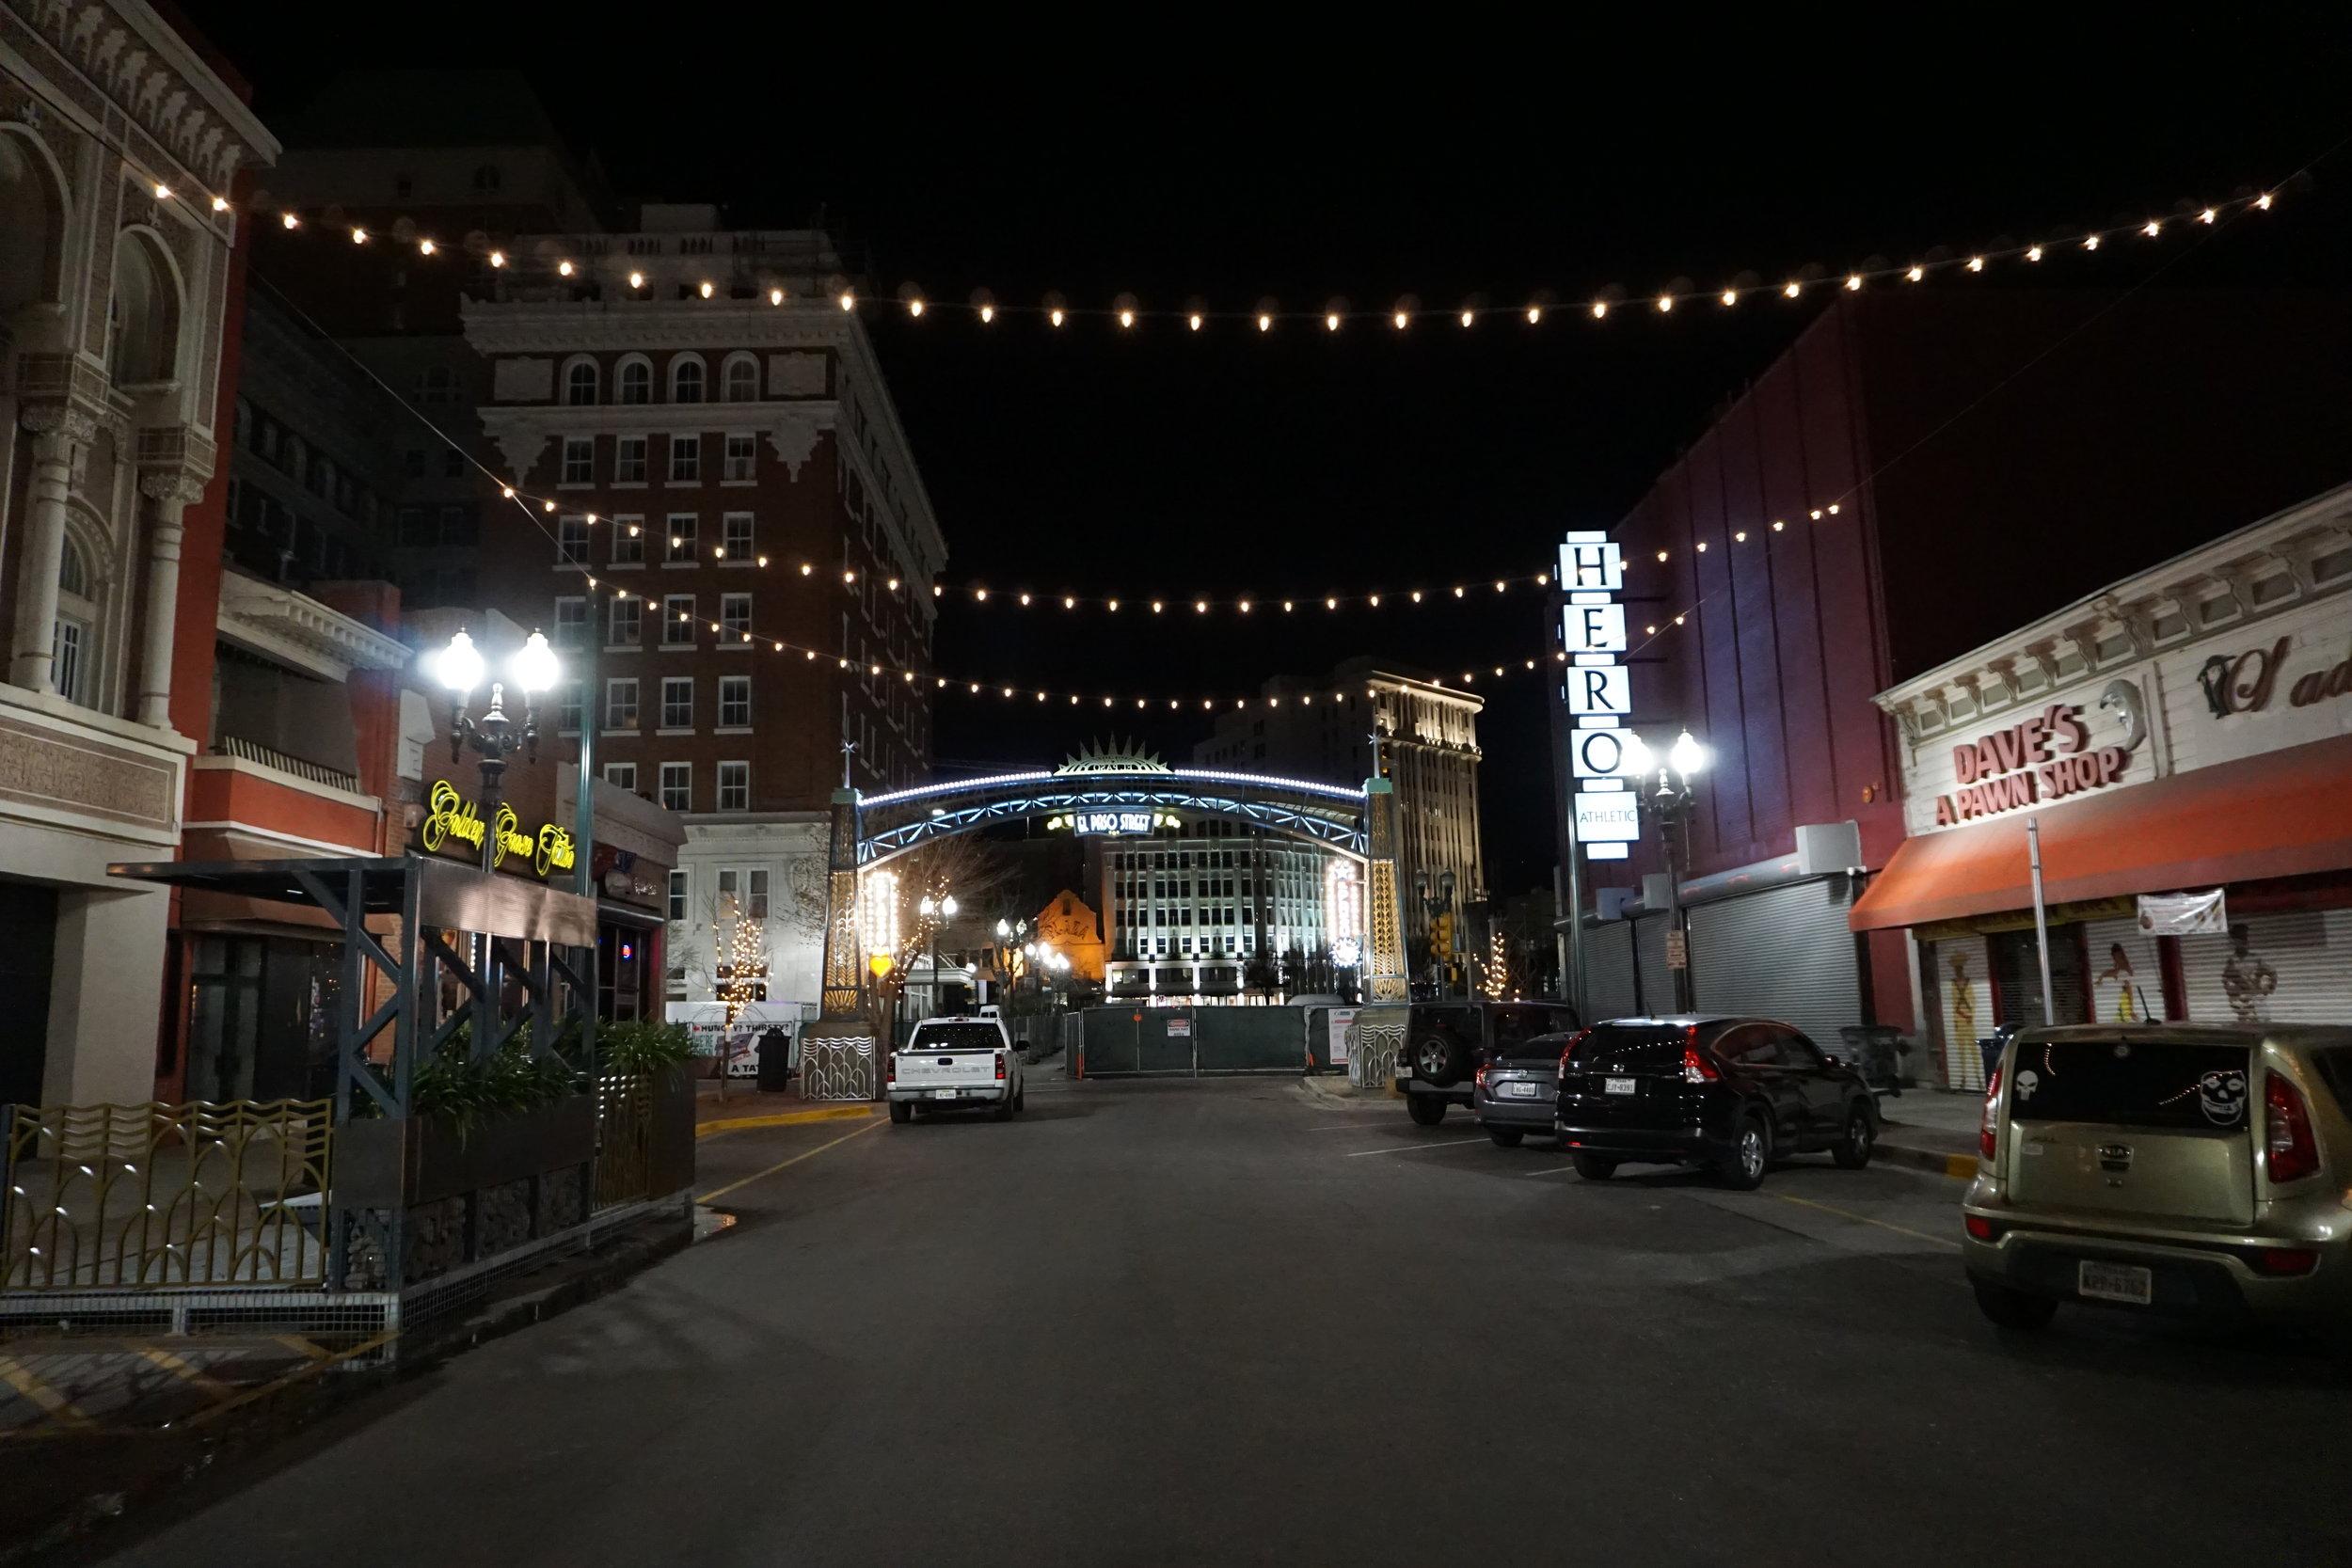 El Paso Street, Texas